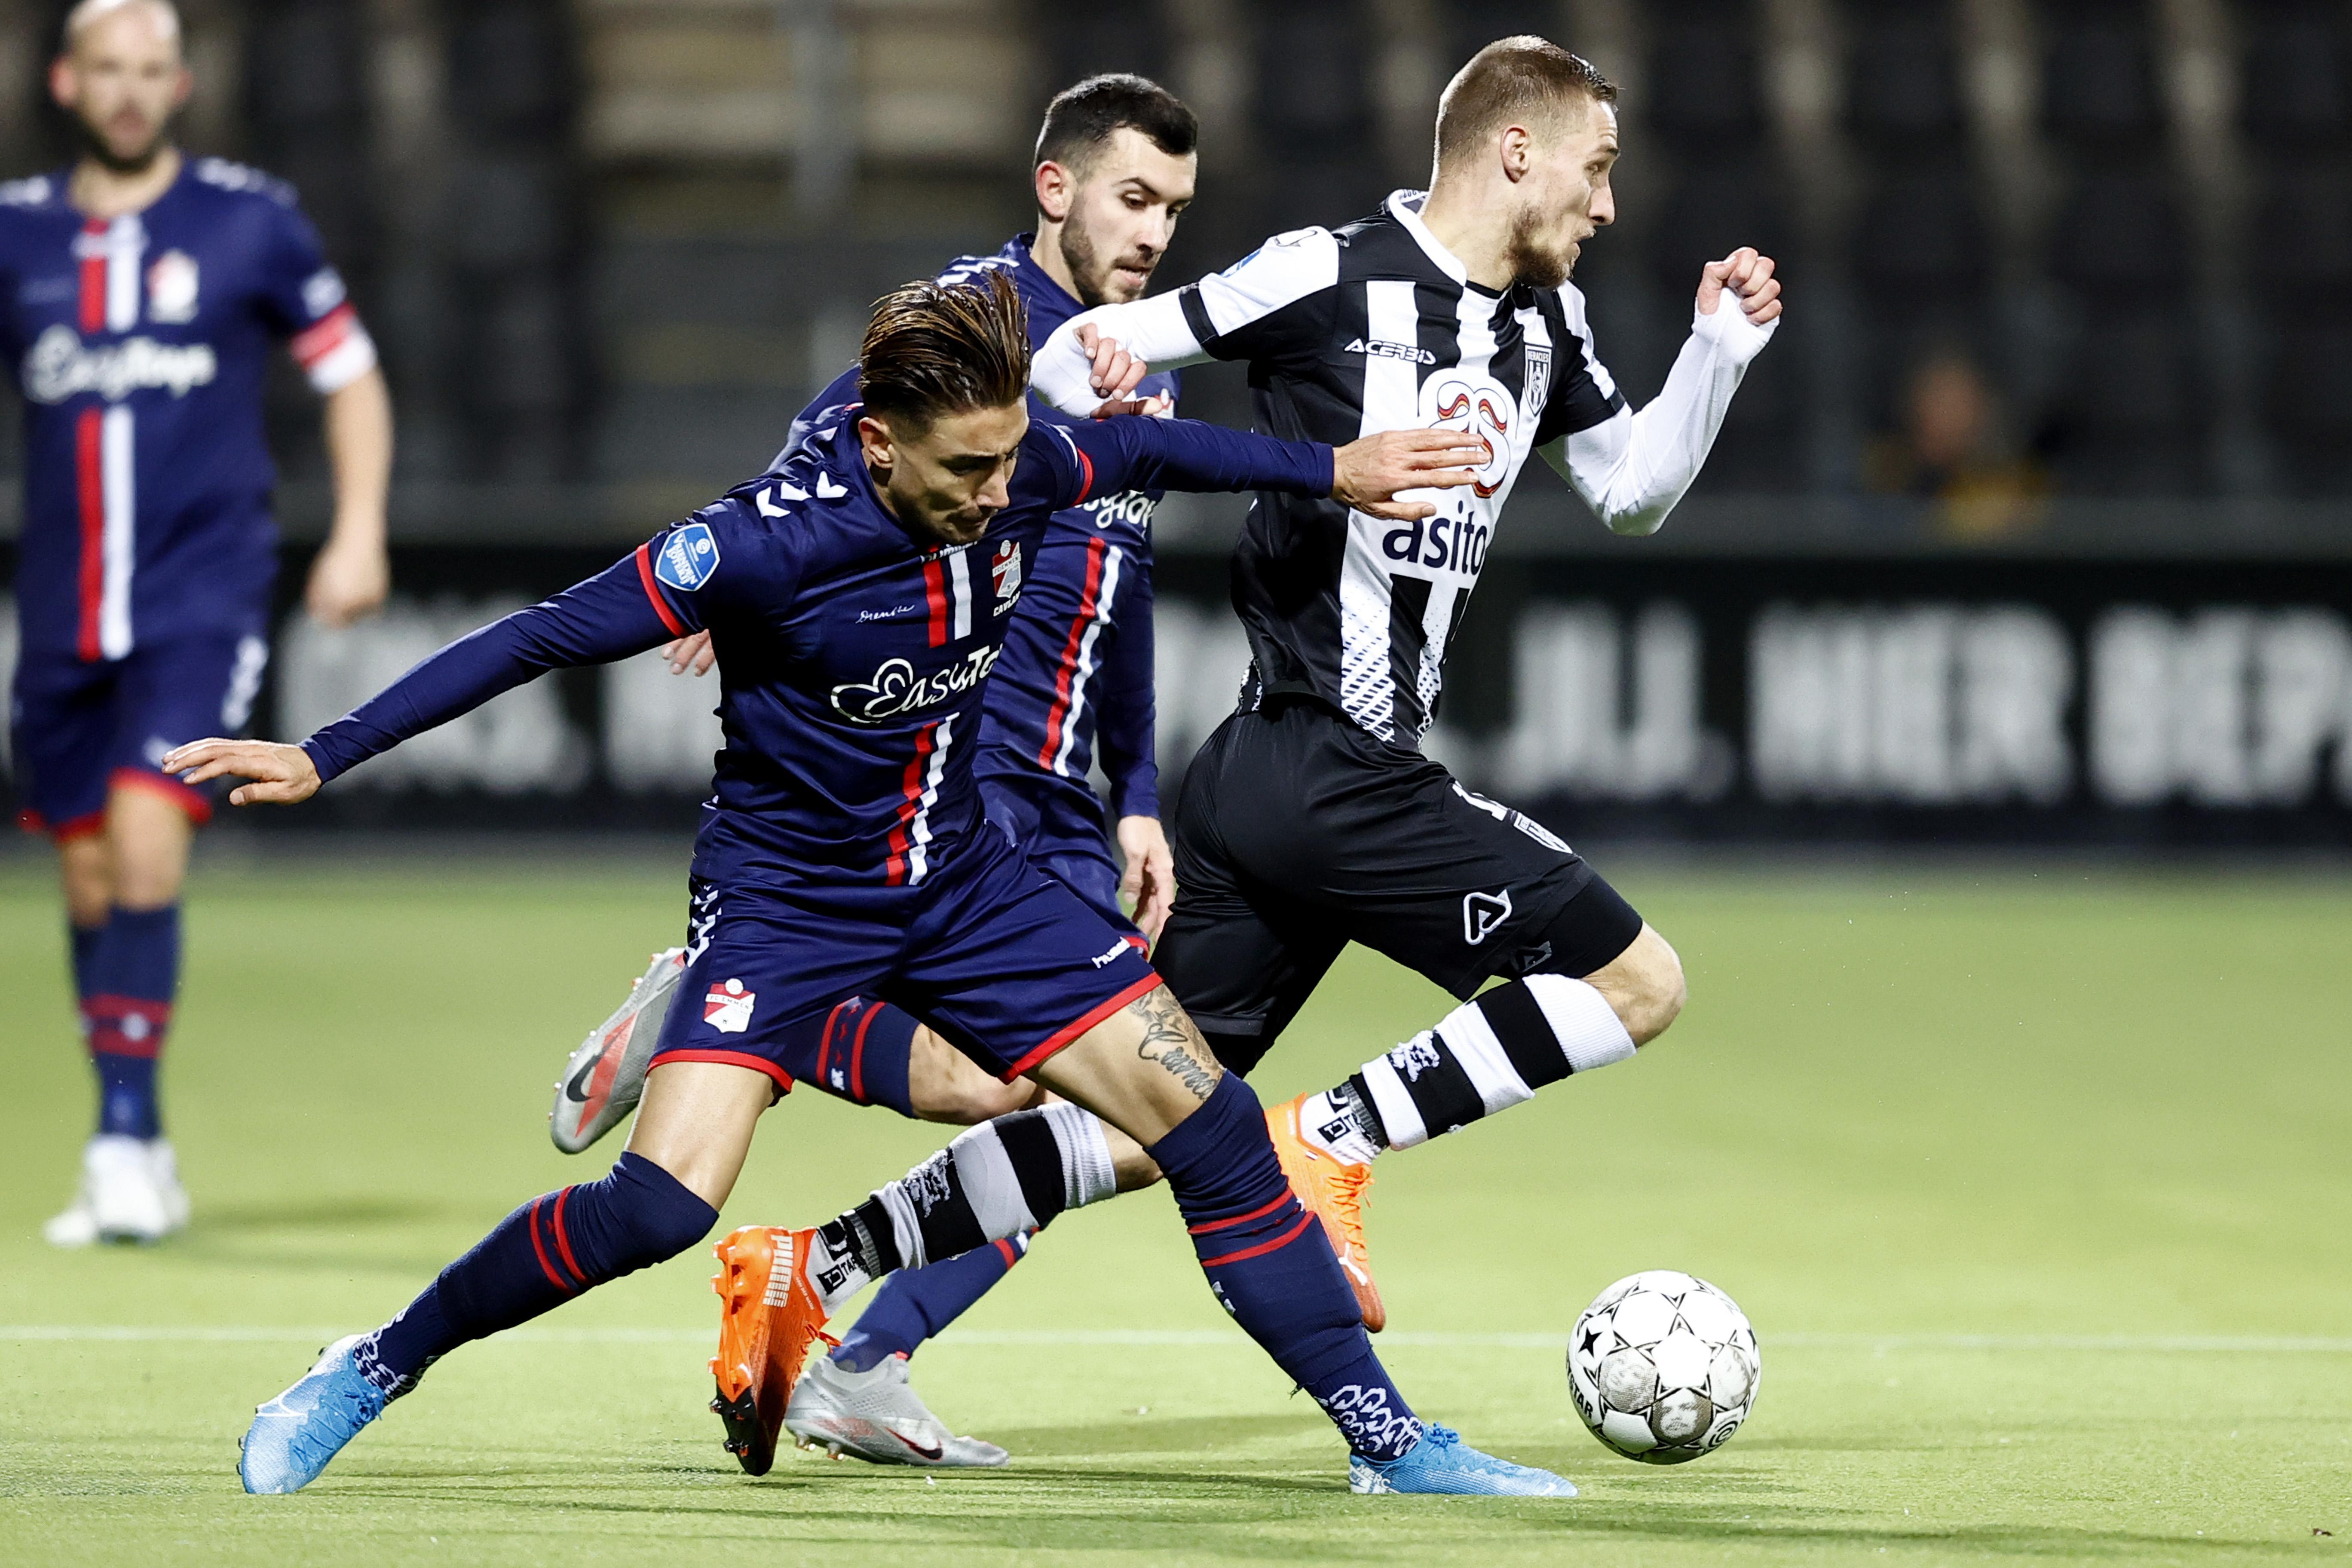 Bussumse voetballer Silvester van der Water (24) maakt alsnog zijn gedroomde transfer: hij verruilt Heracles Almelo voor Orlando City